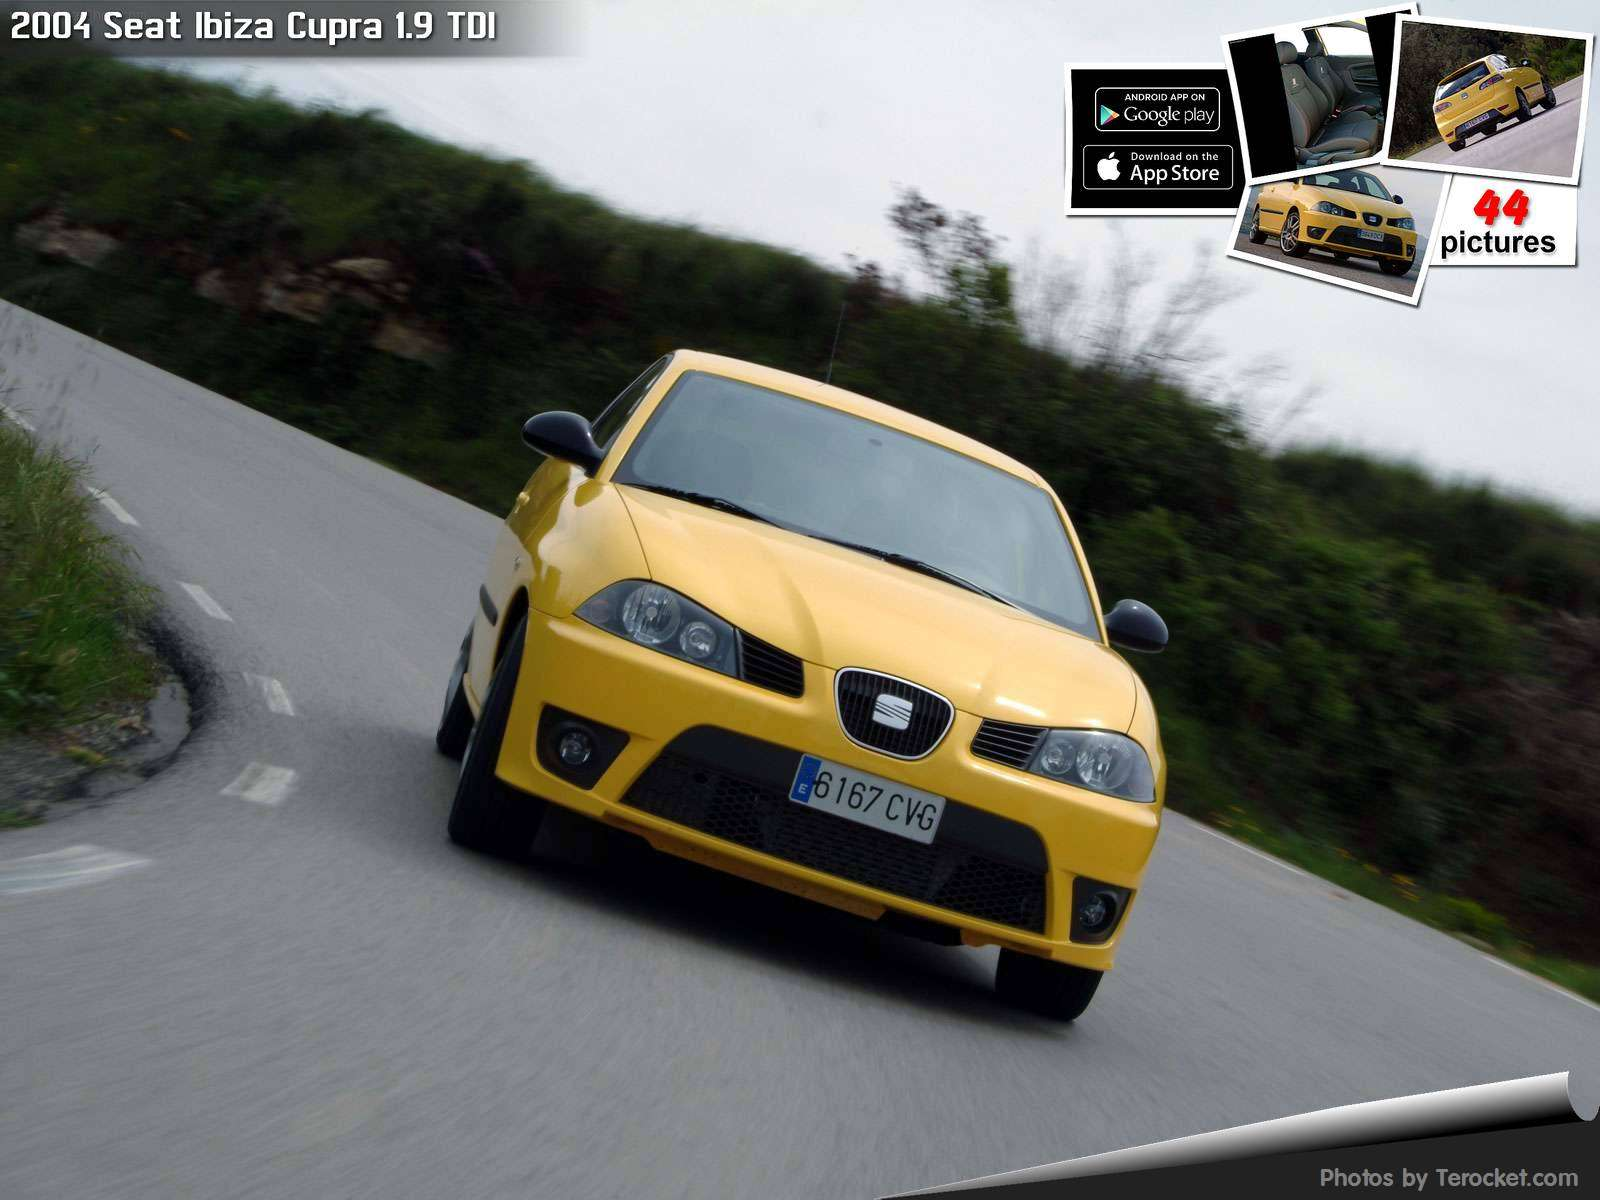 Hình ảnh xe ô tô Seat Ibiza Cupra 1.9 TDI 2004 & nội ngoại thất